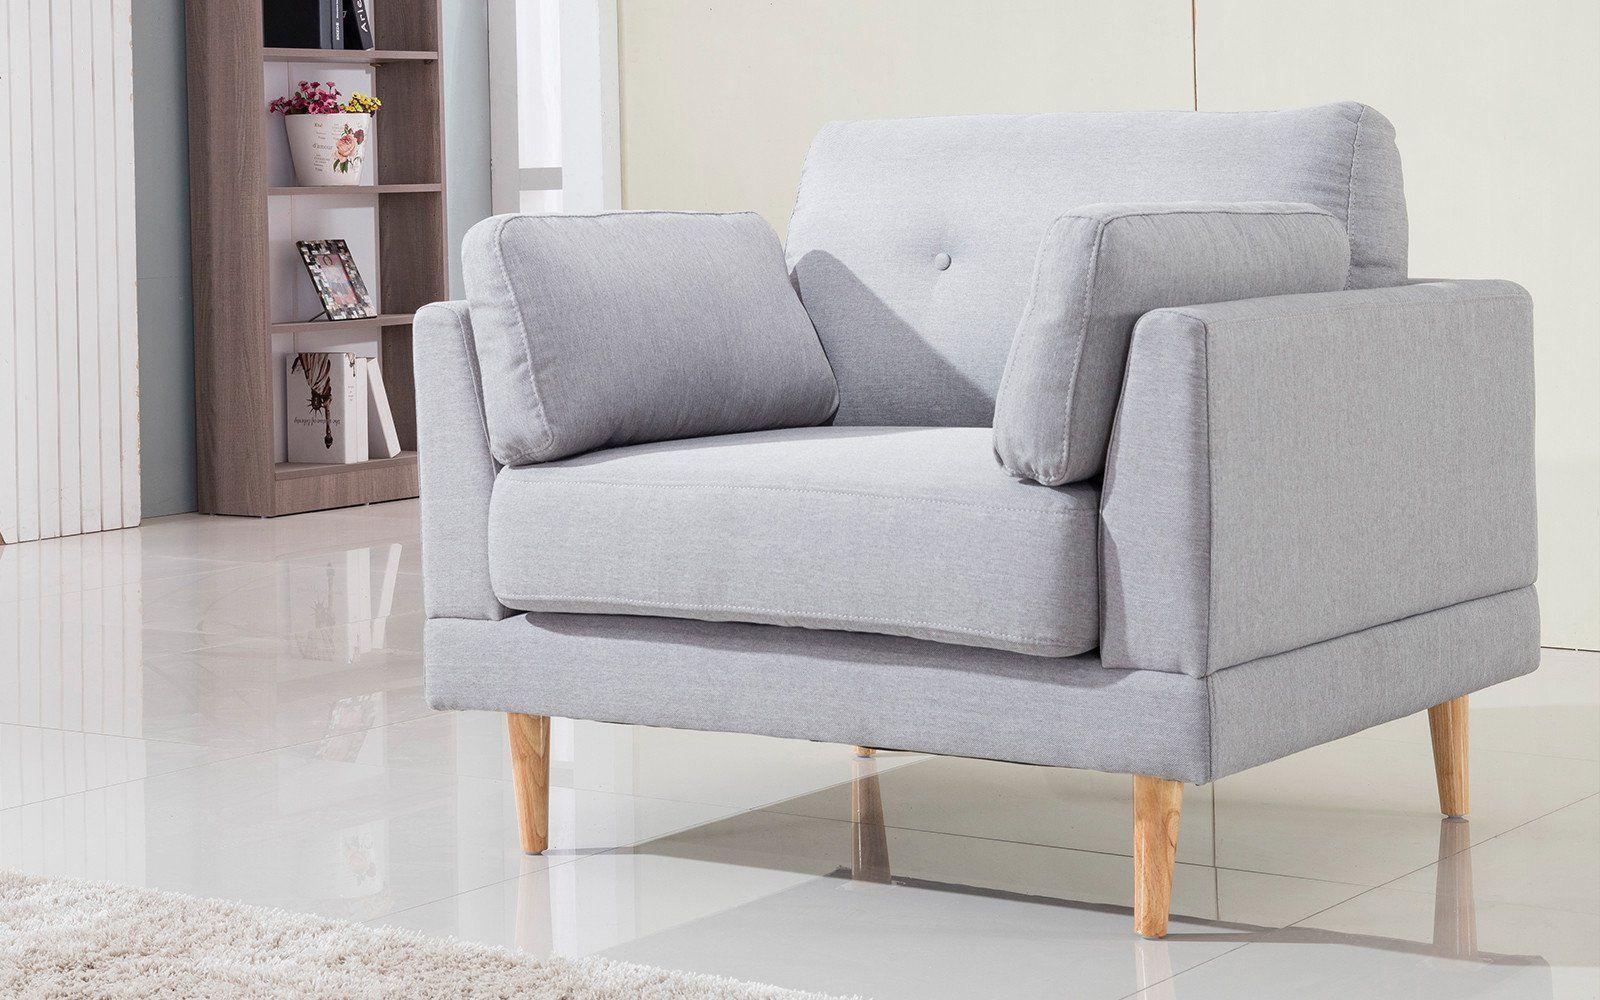 Sensational Ian Mid Century Modern Chair Modernchair Modern Chair Spiritservingveterans Wood Chair Design Ideas Spiritservingveteransorg